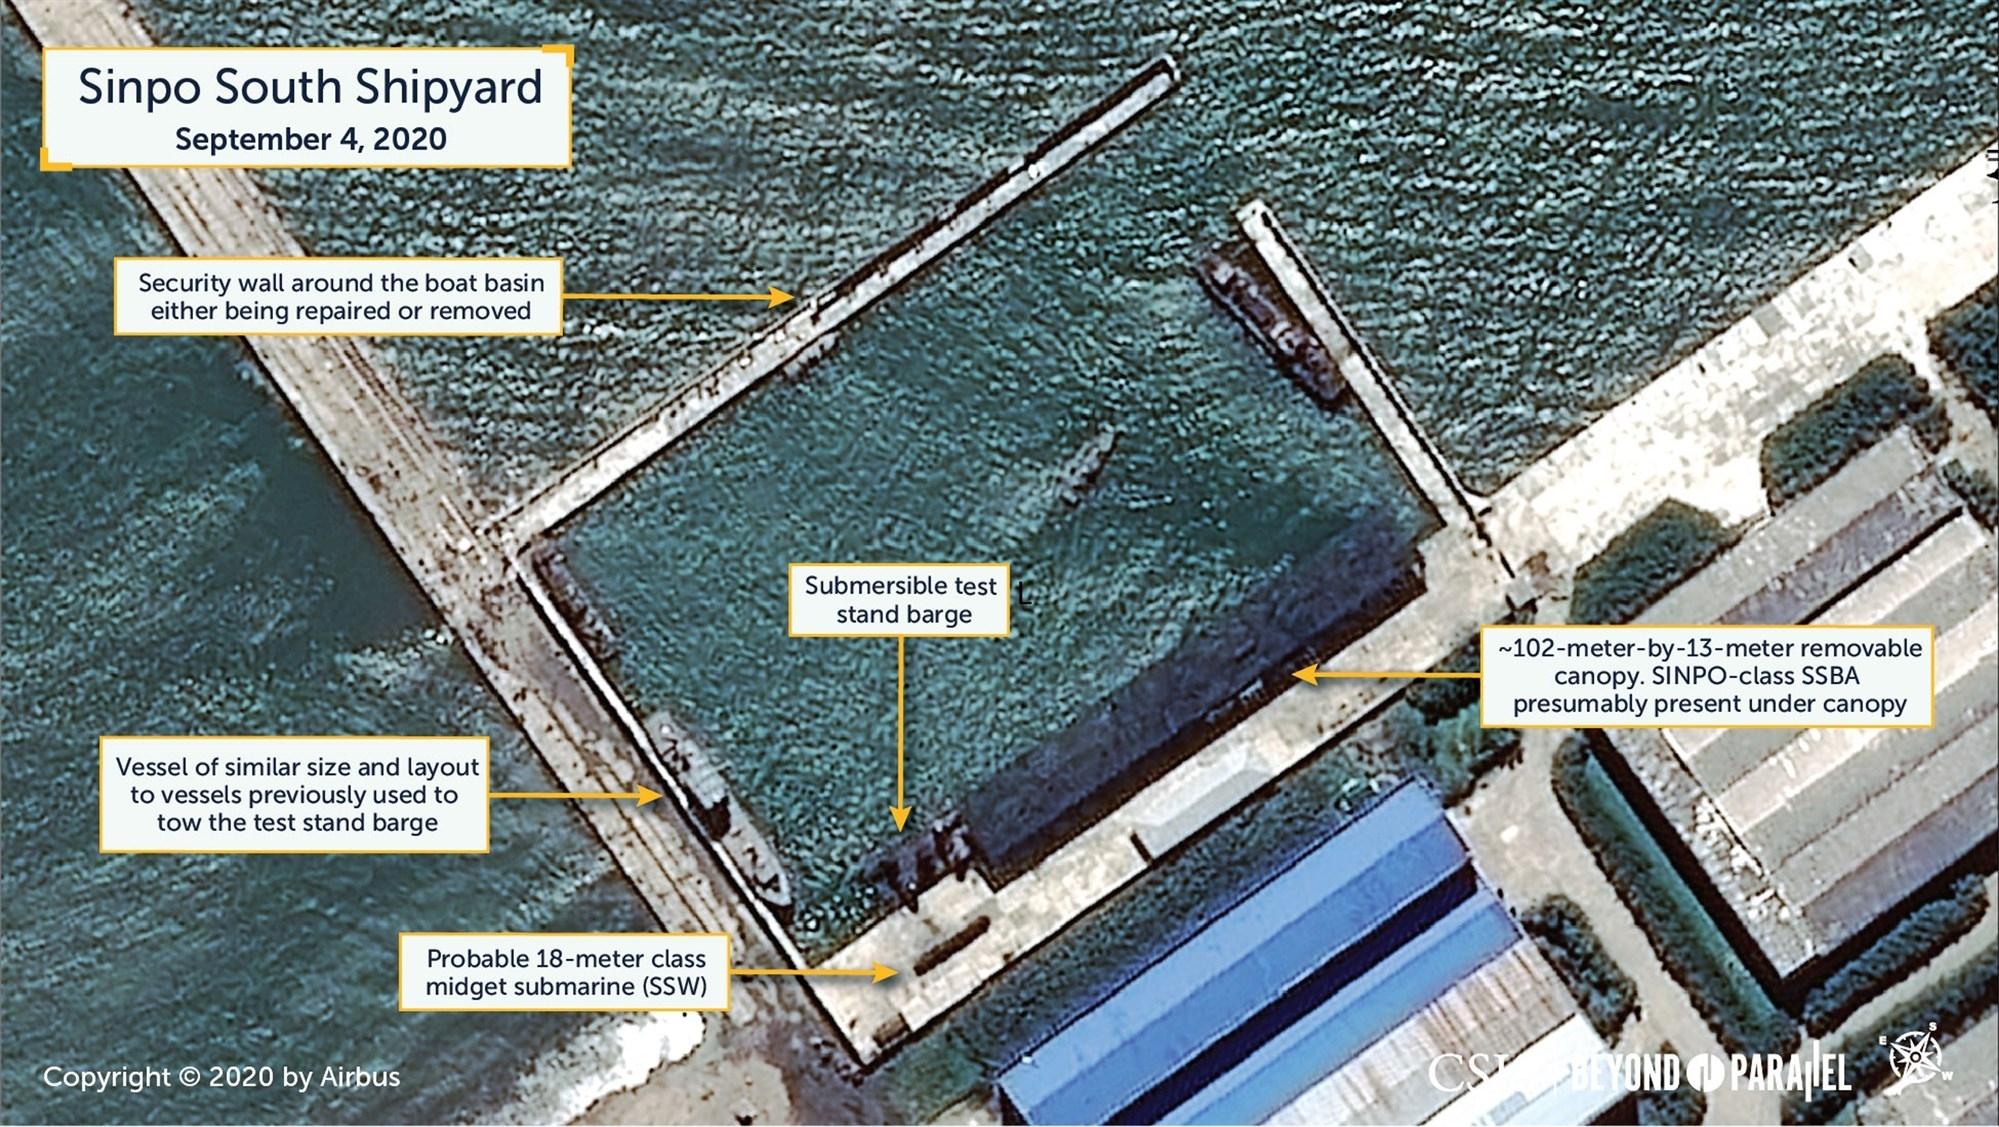 Triều Tiên sắp thử nghiệm tên lửa phóng từ tàu ngầm?